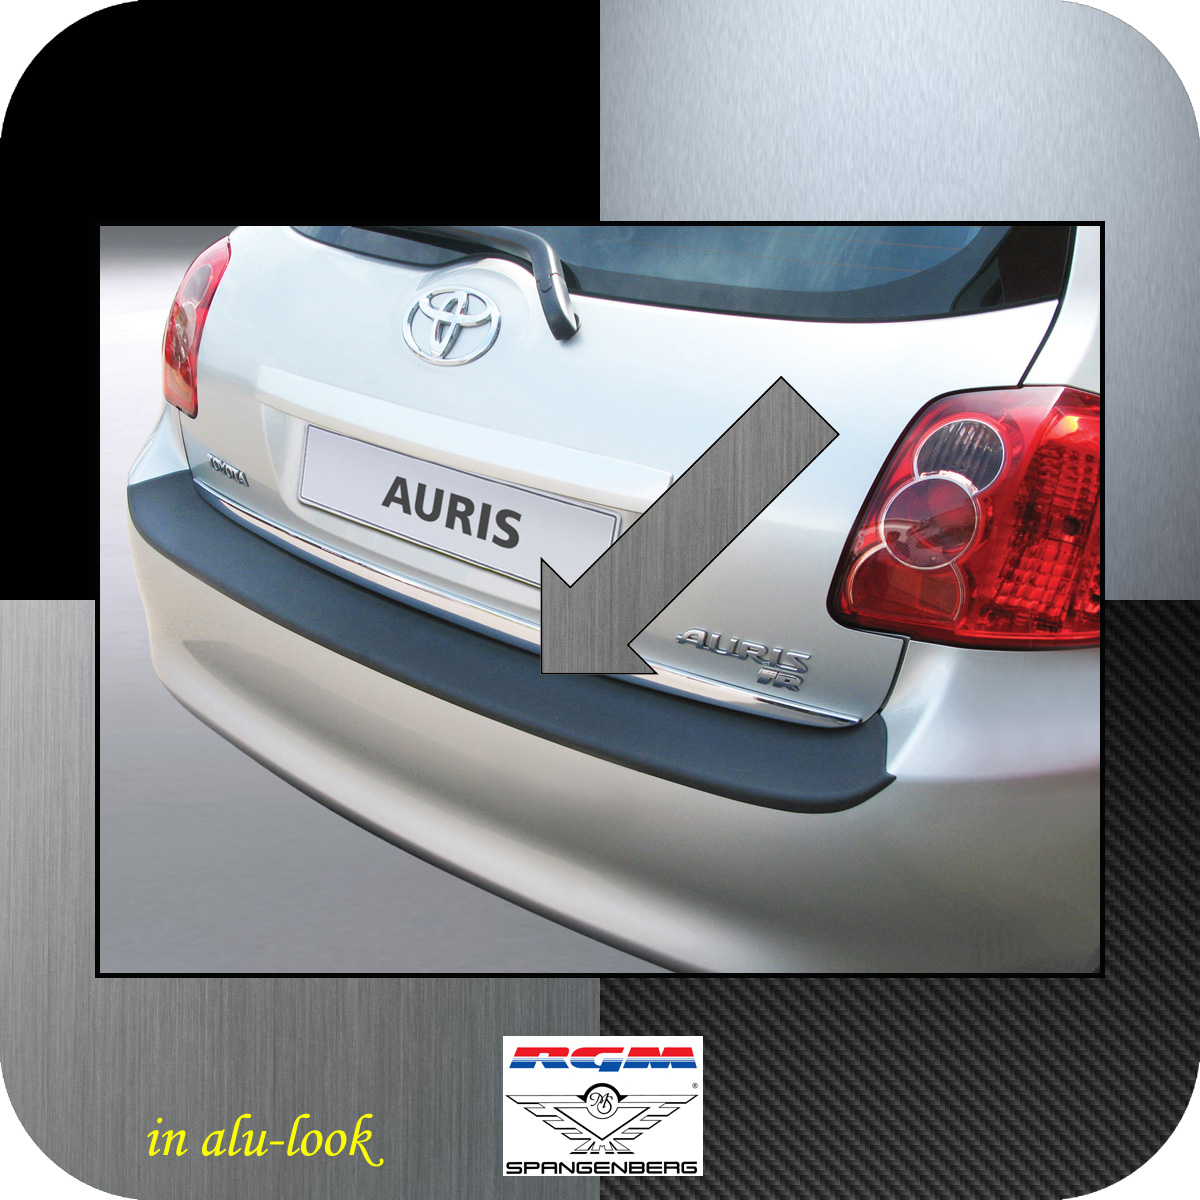 Ladekantenschutz Alu-Look Toyota Auris I Schrägheck vor Mopf 2006-10 3504264